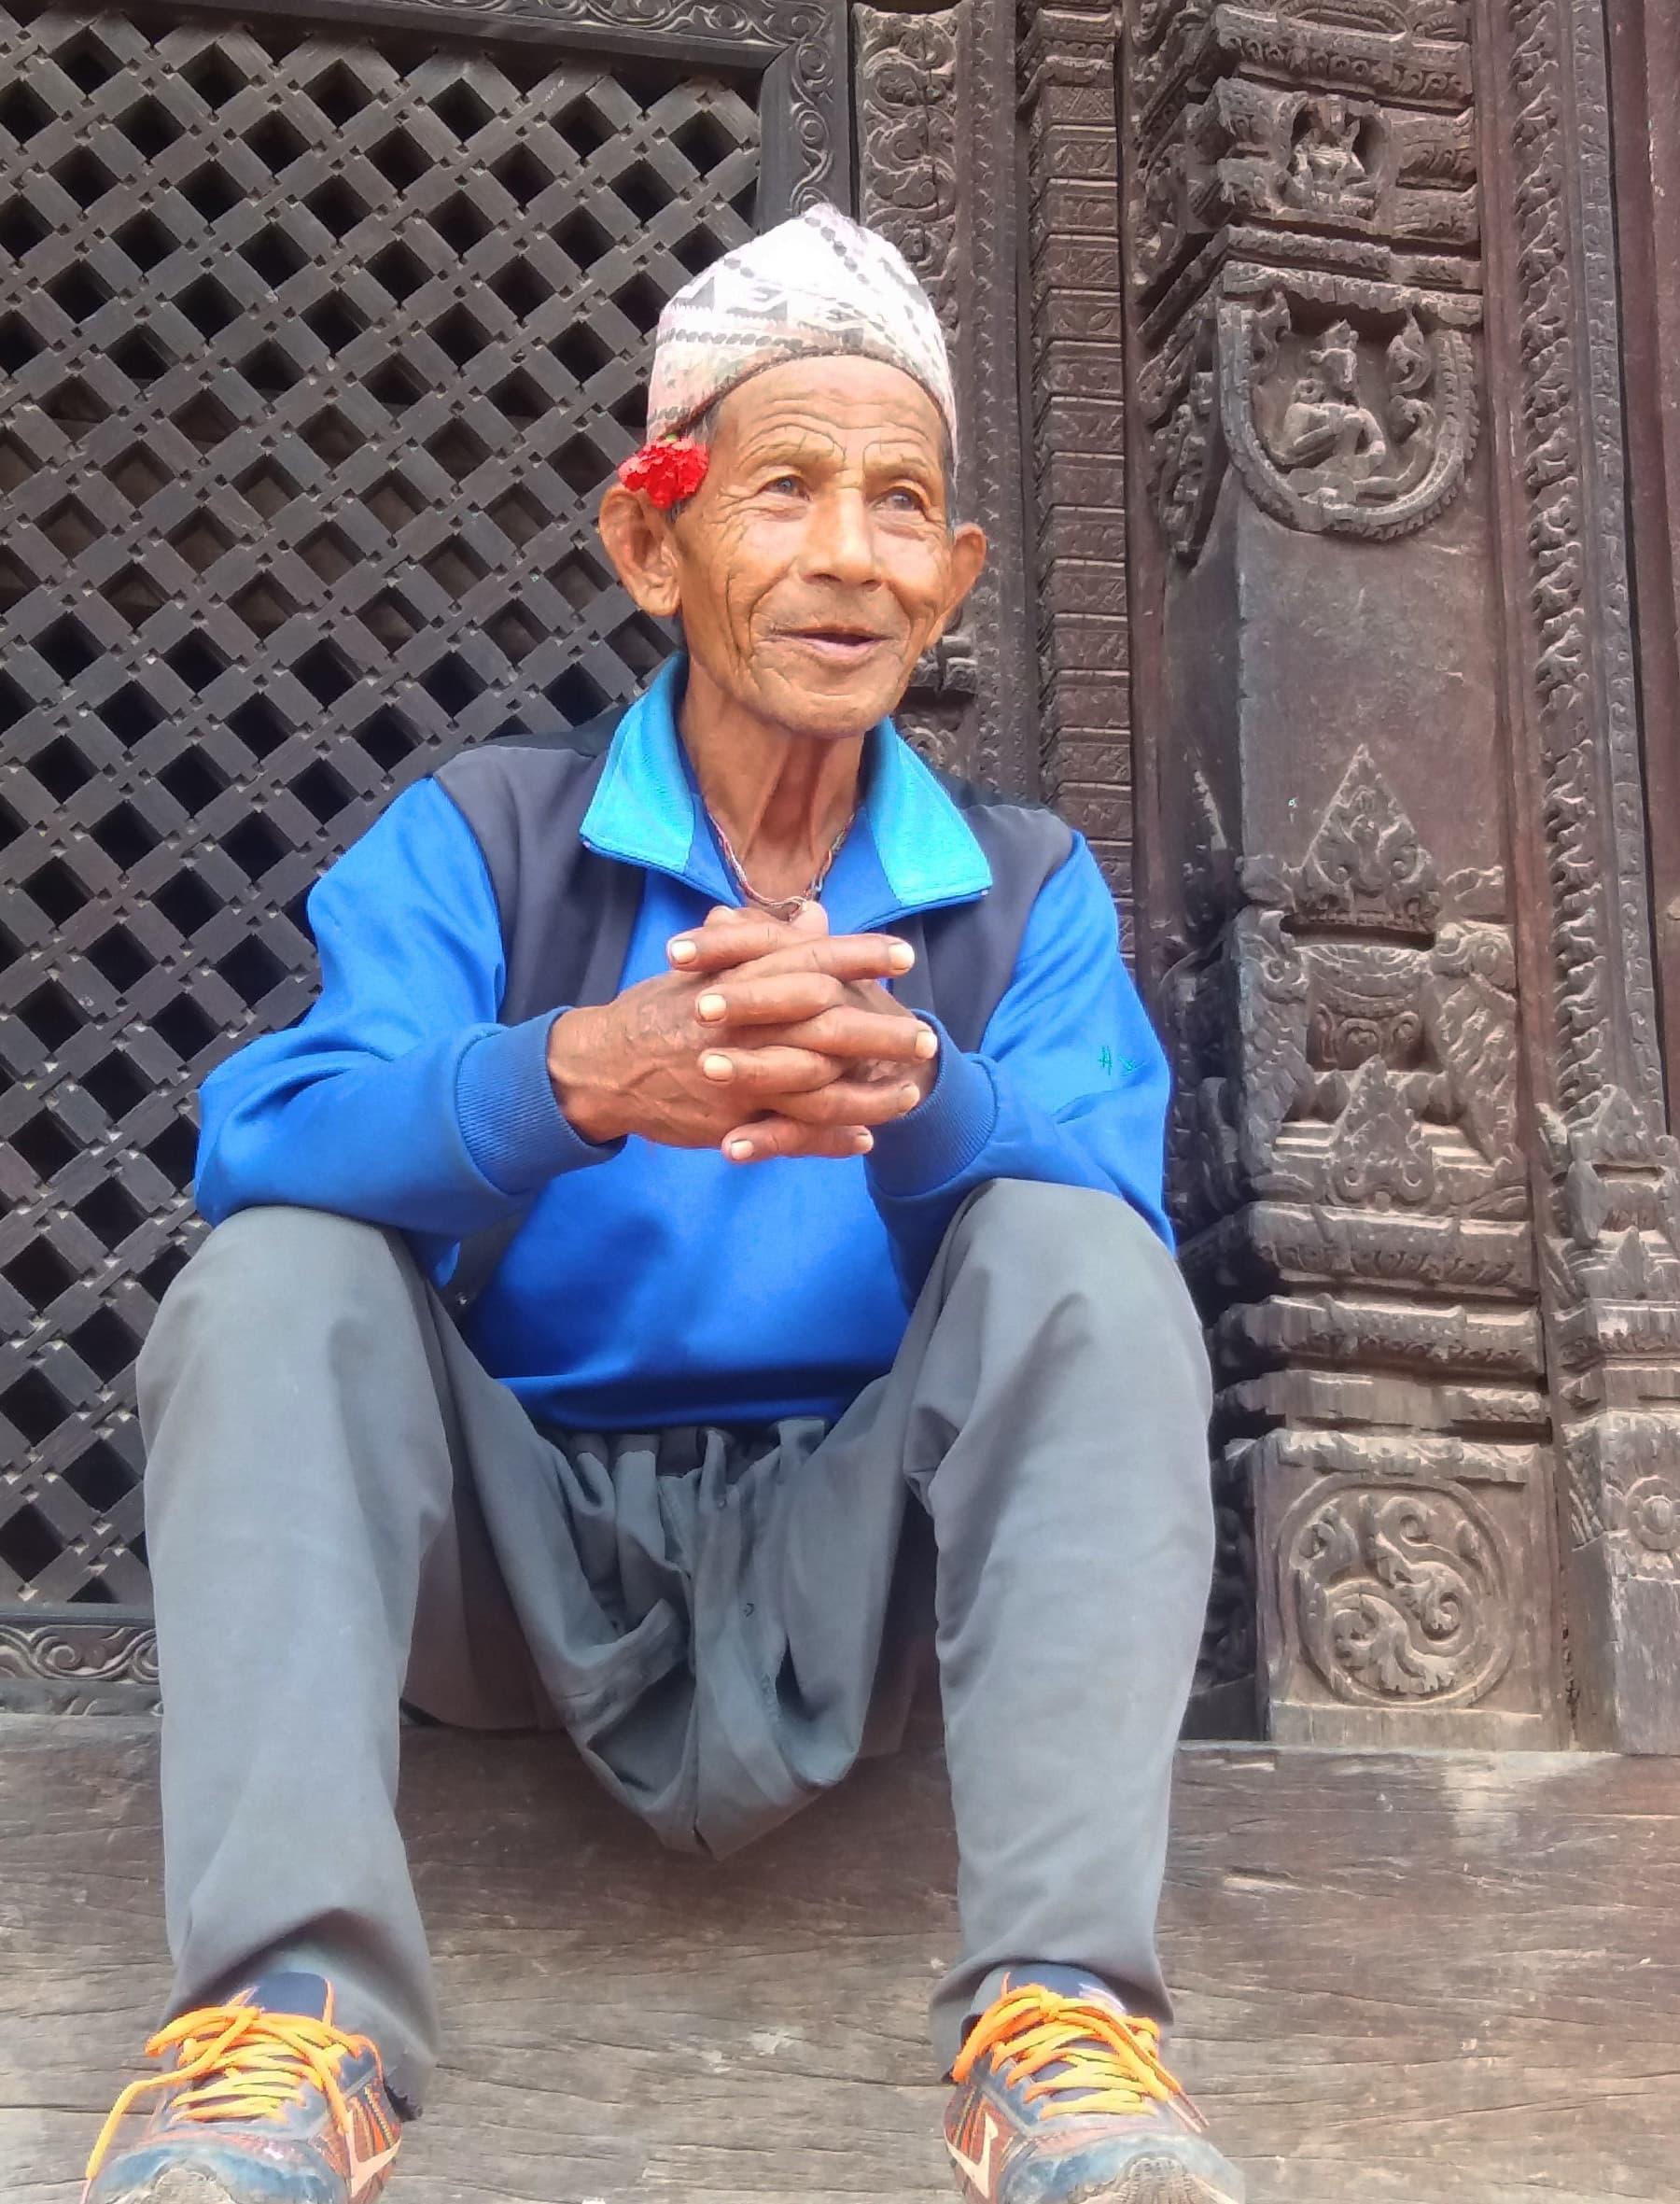 نیپال کی نگری—تصویر شبینہ فراز